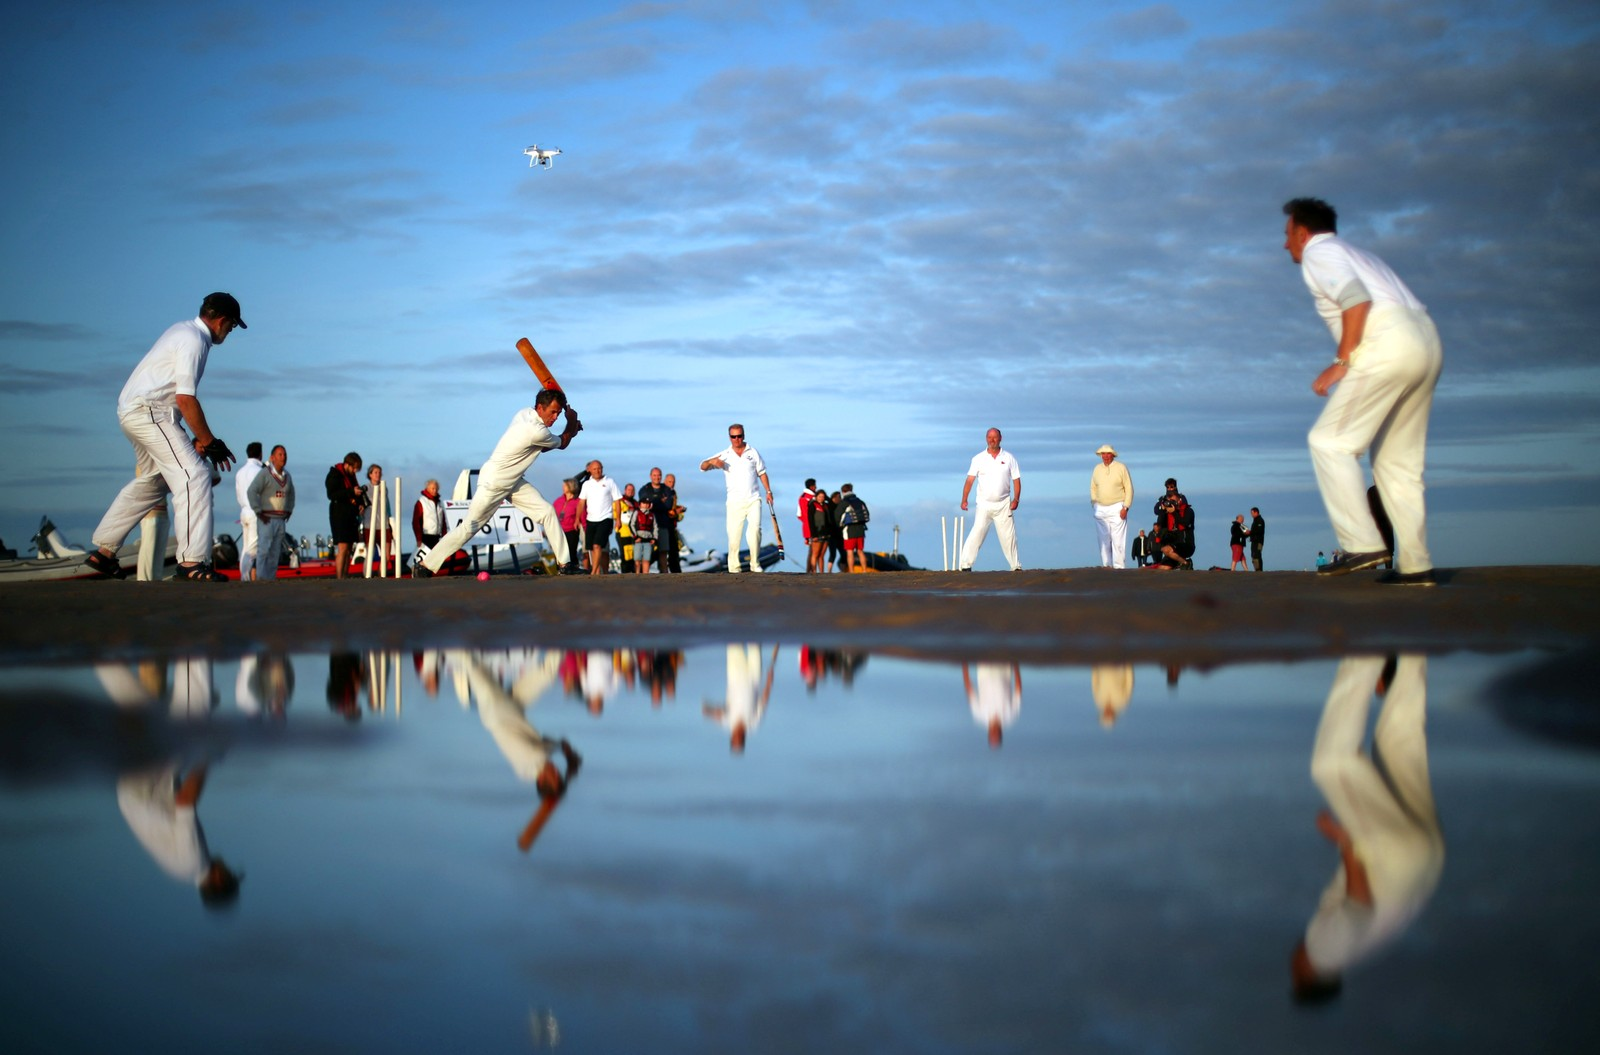 Cricket på stranda i Solent i Storbritannia.